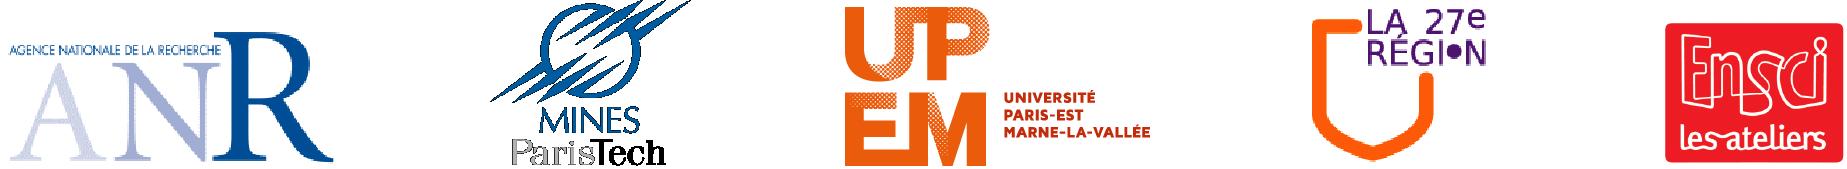 logos-fipexplo2016